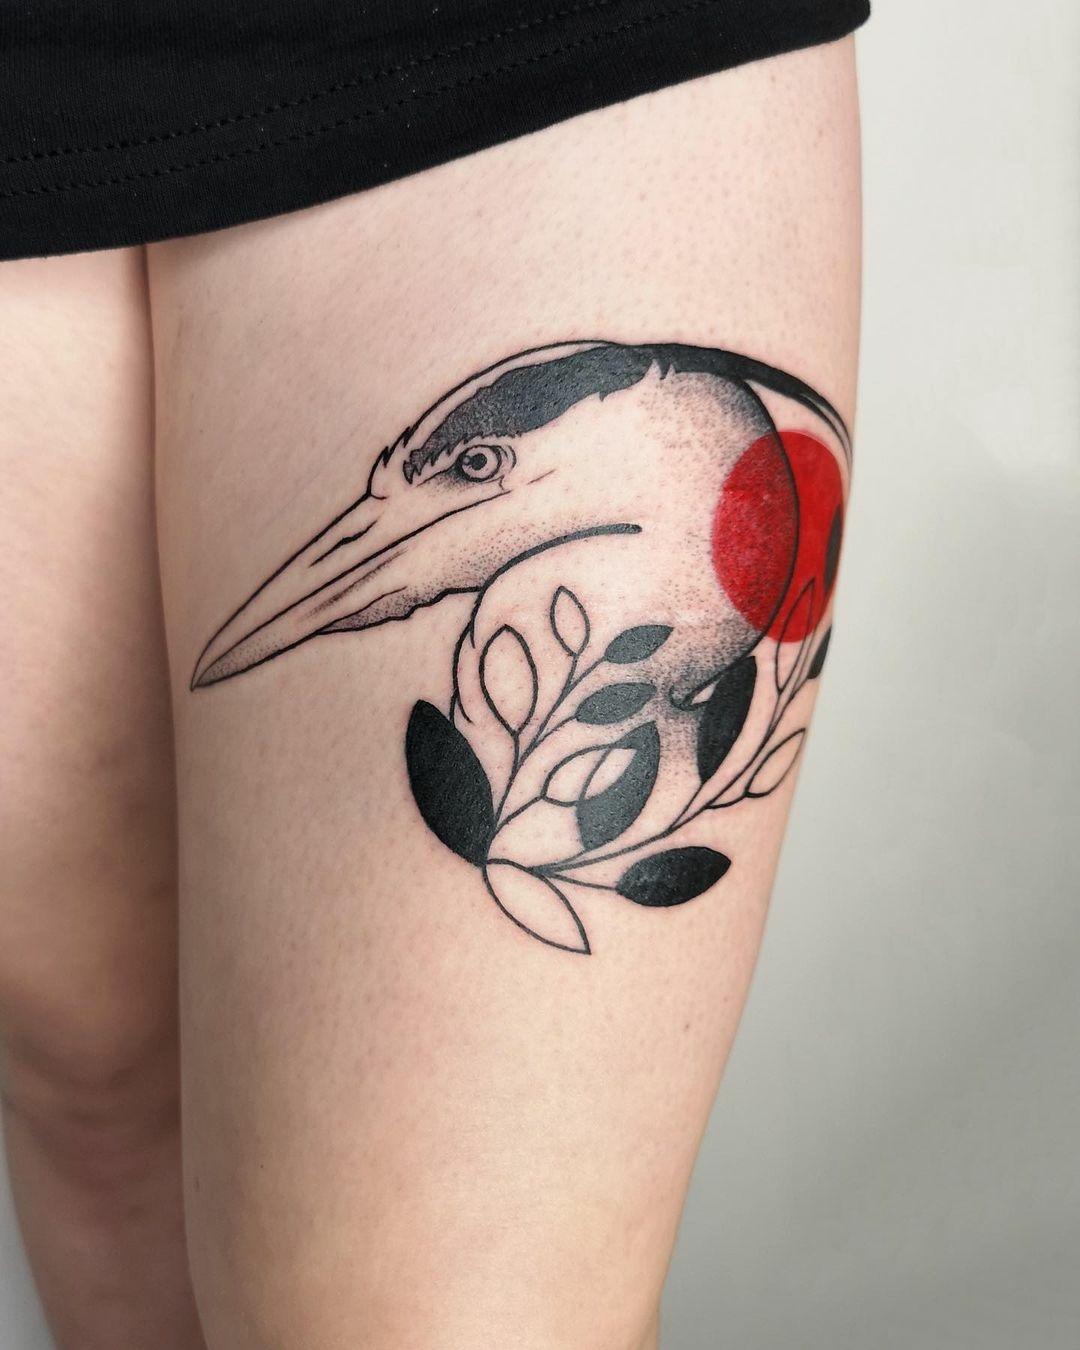 Inksearch tattoo EmilkyWay